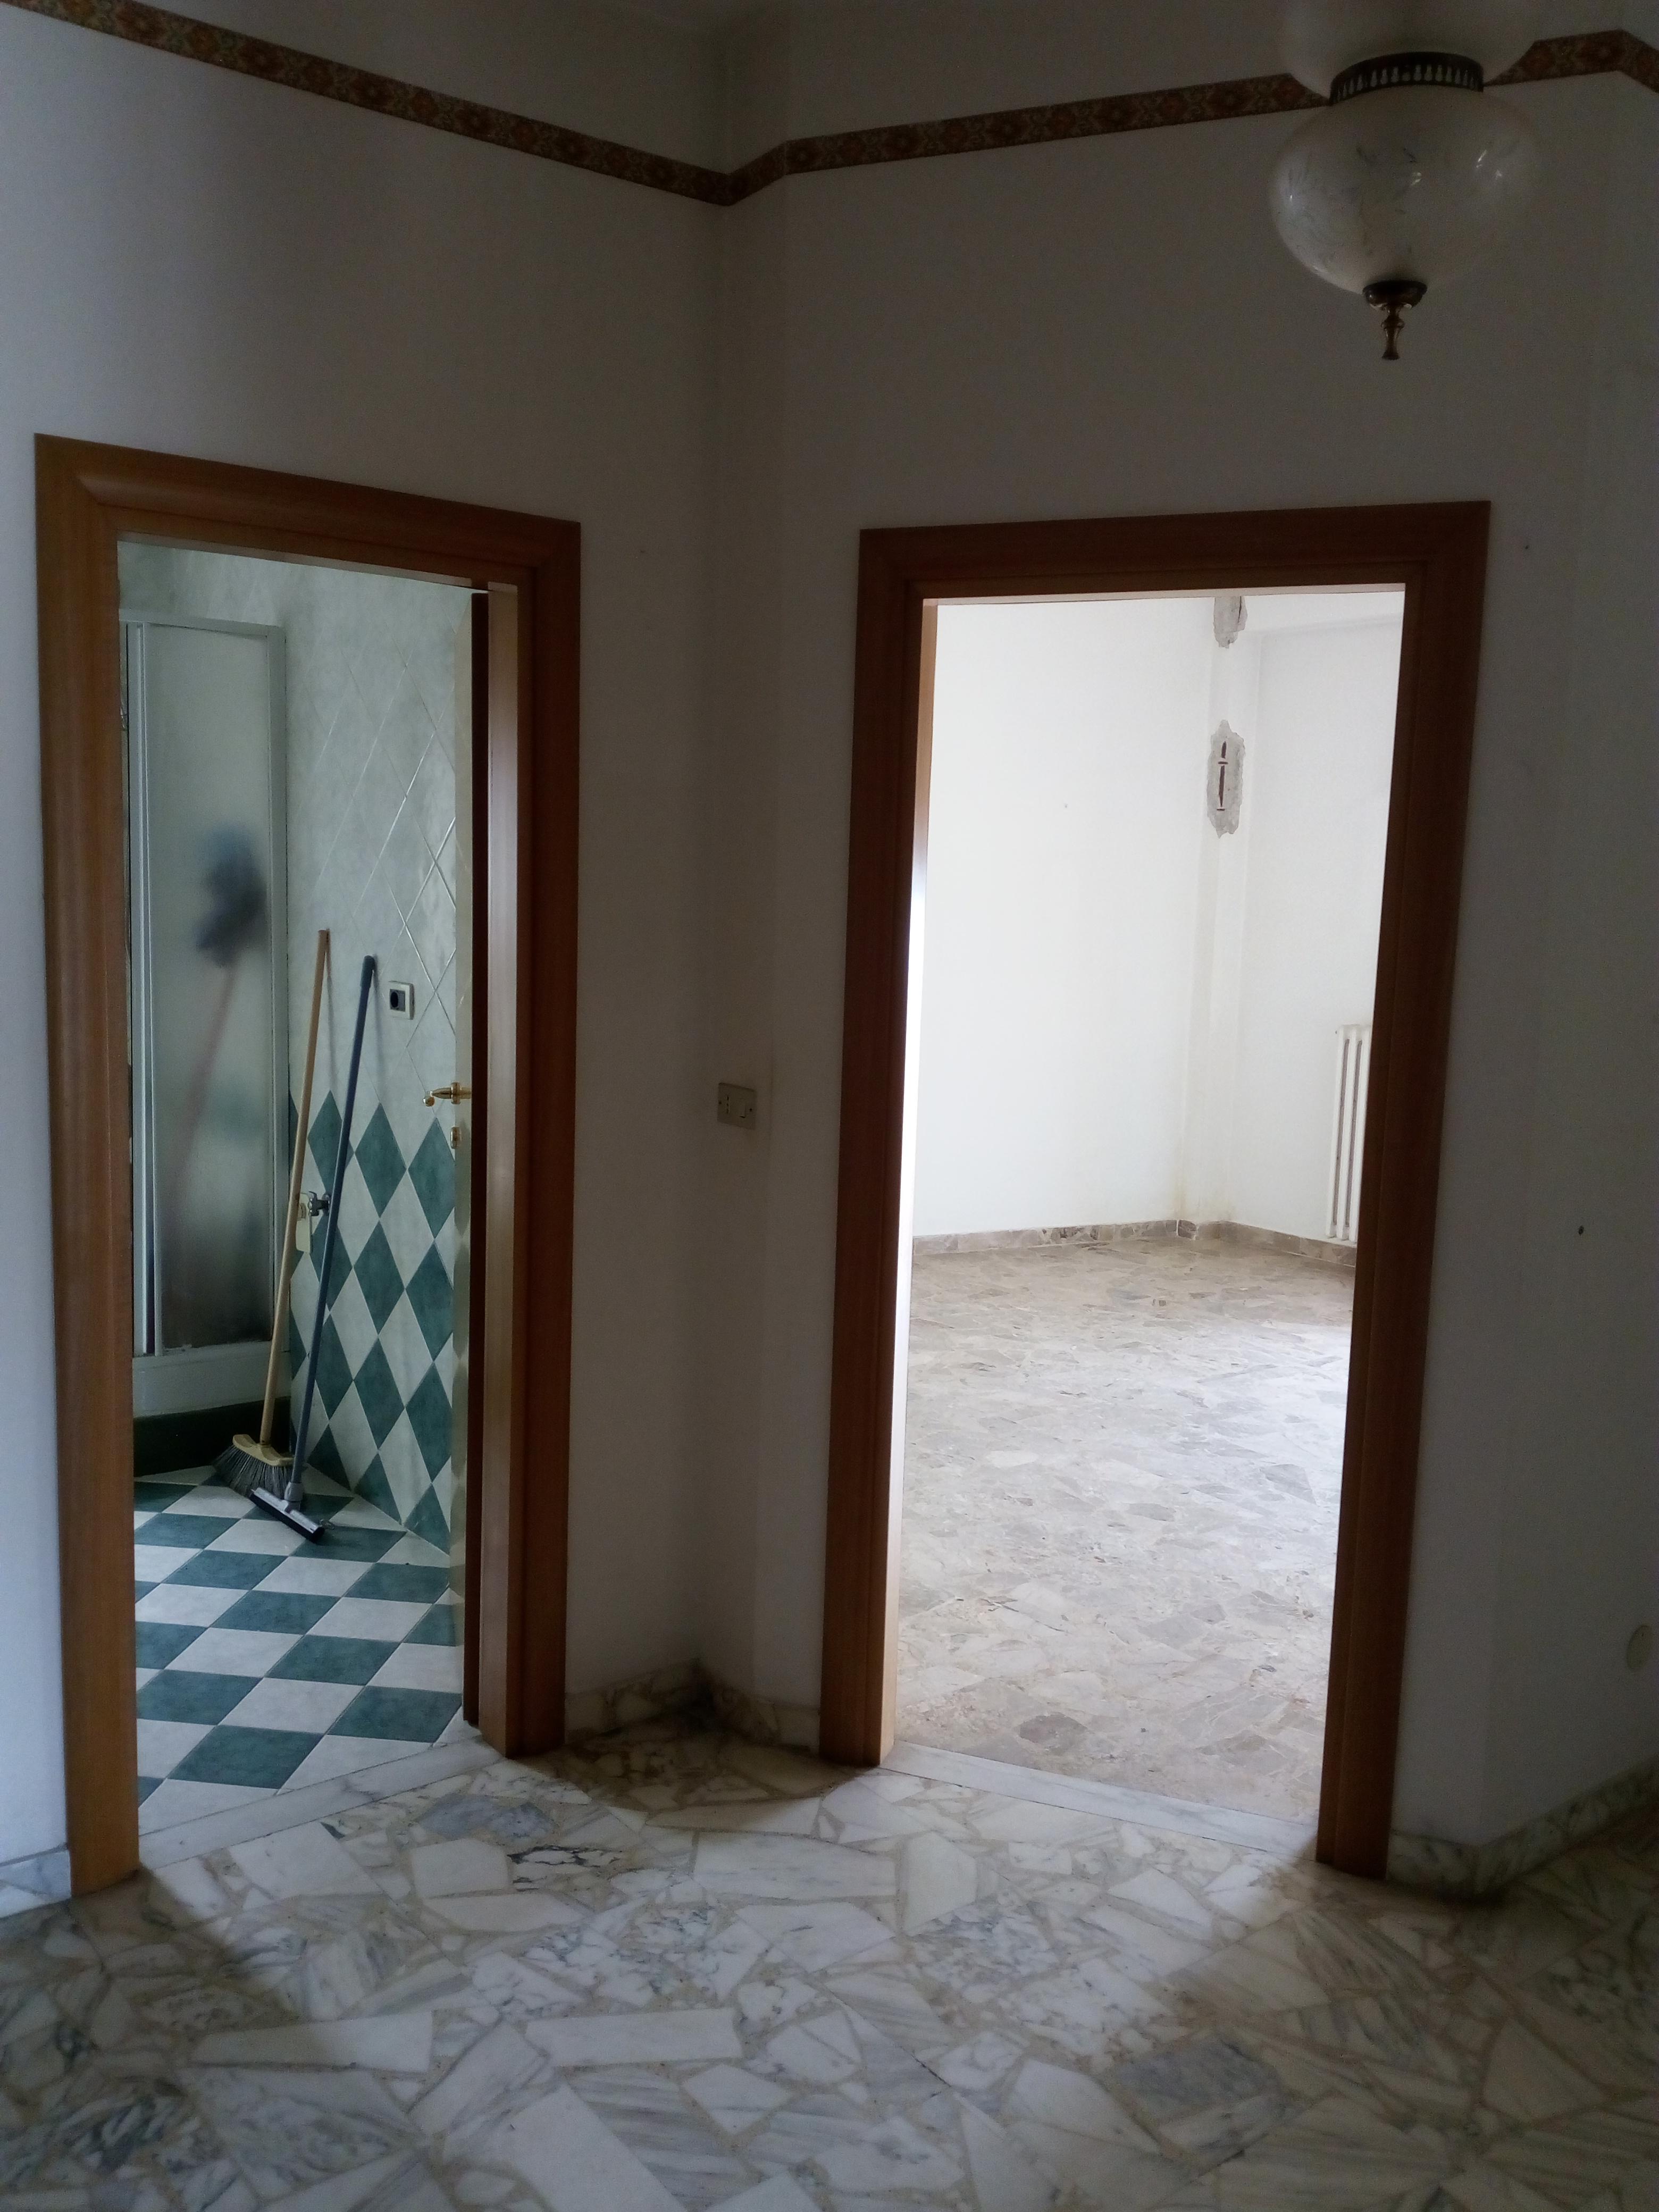 Appartamento in vendita a Ischitella, 5 locali, prezzo € 50.000 | PortaleAgenzieImmobiliari.it